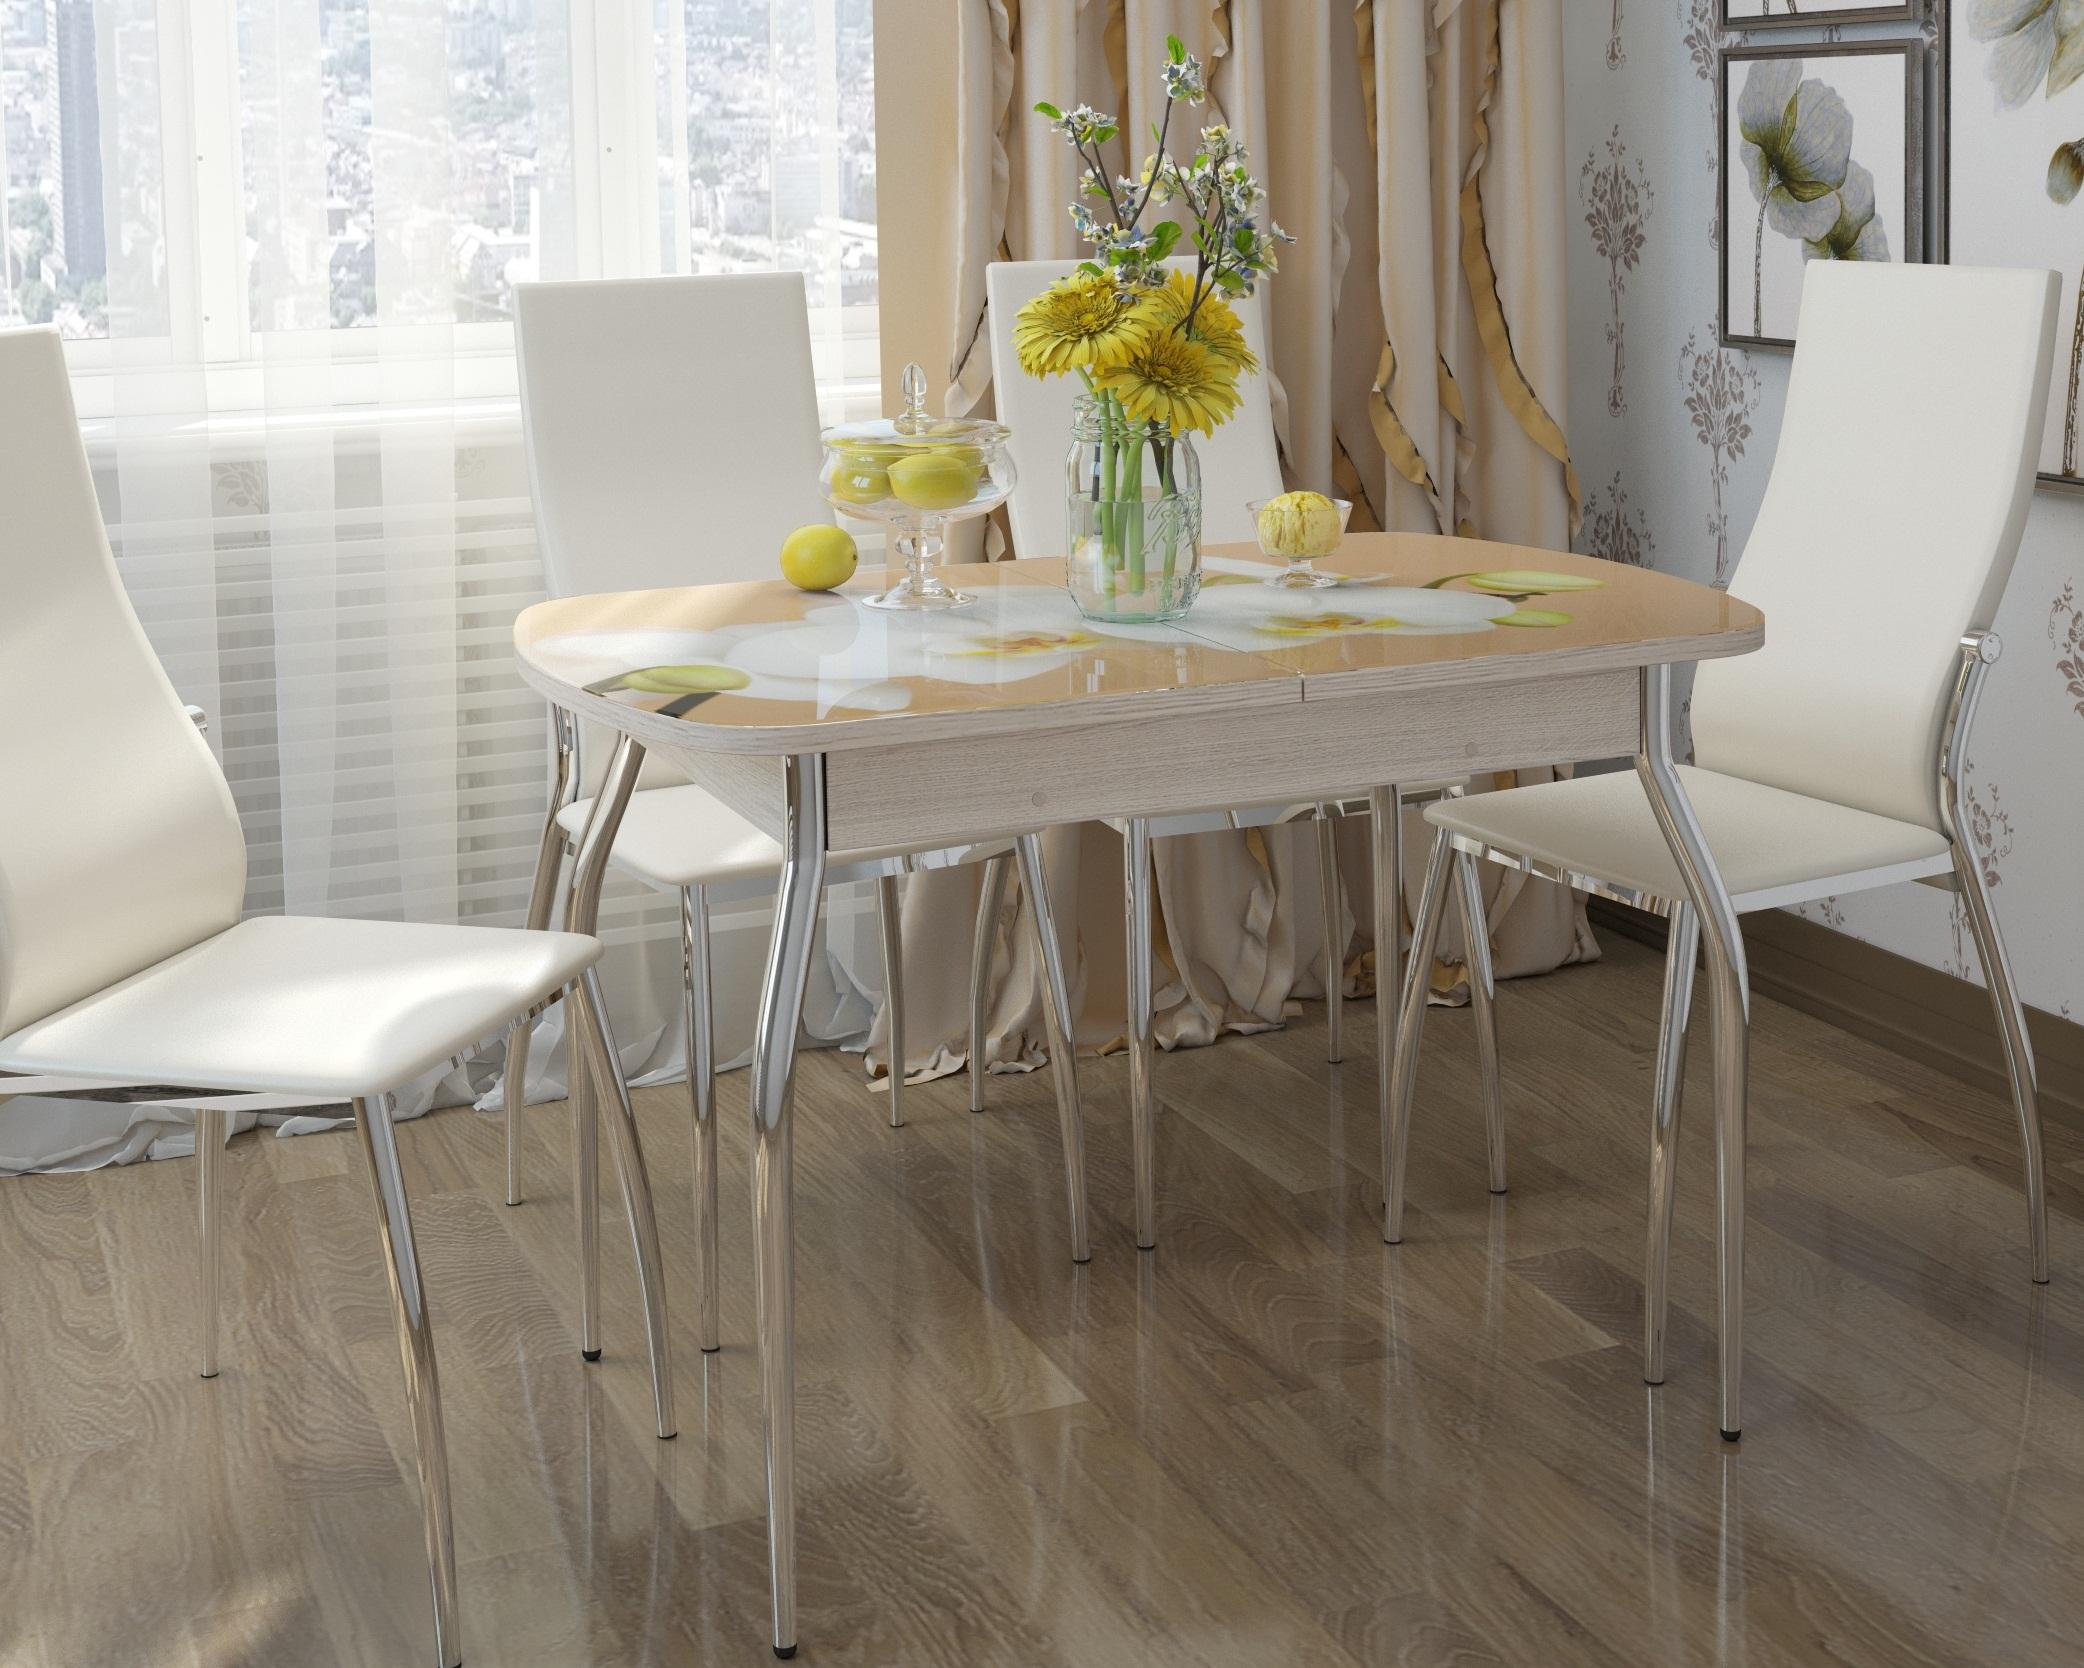 Стол стеклянный кухонный с фотопечатью раздвижной 120х80 см. (арт.М4199)